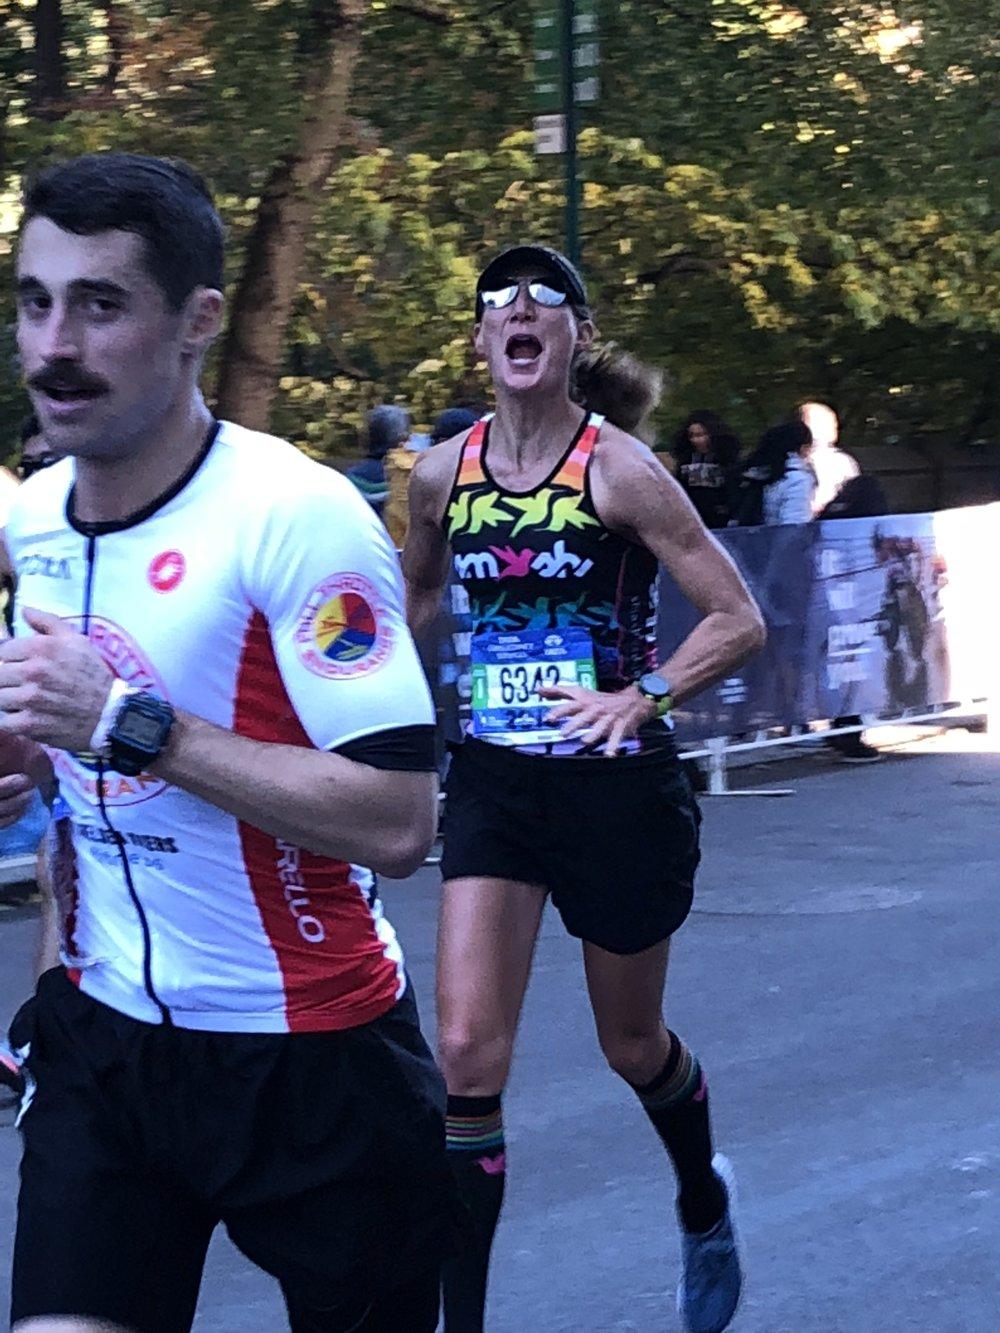 Happy runner.